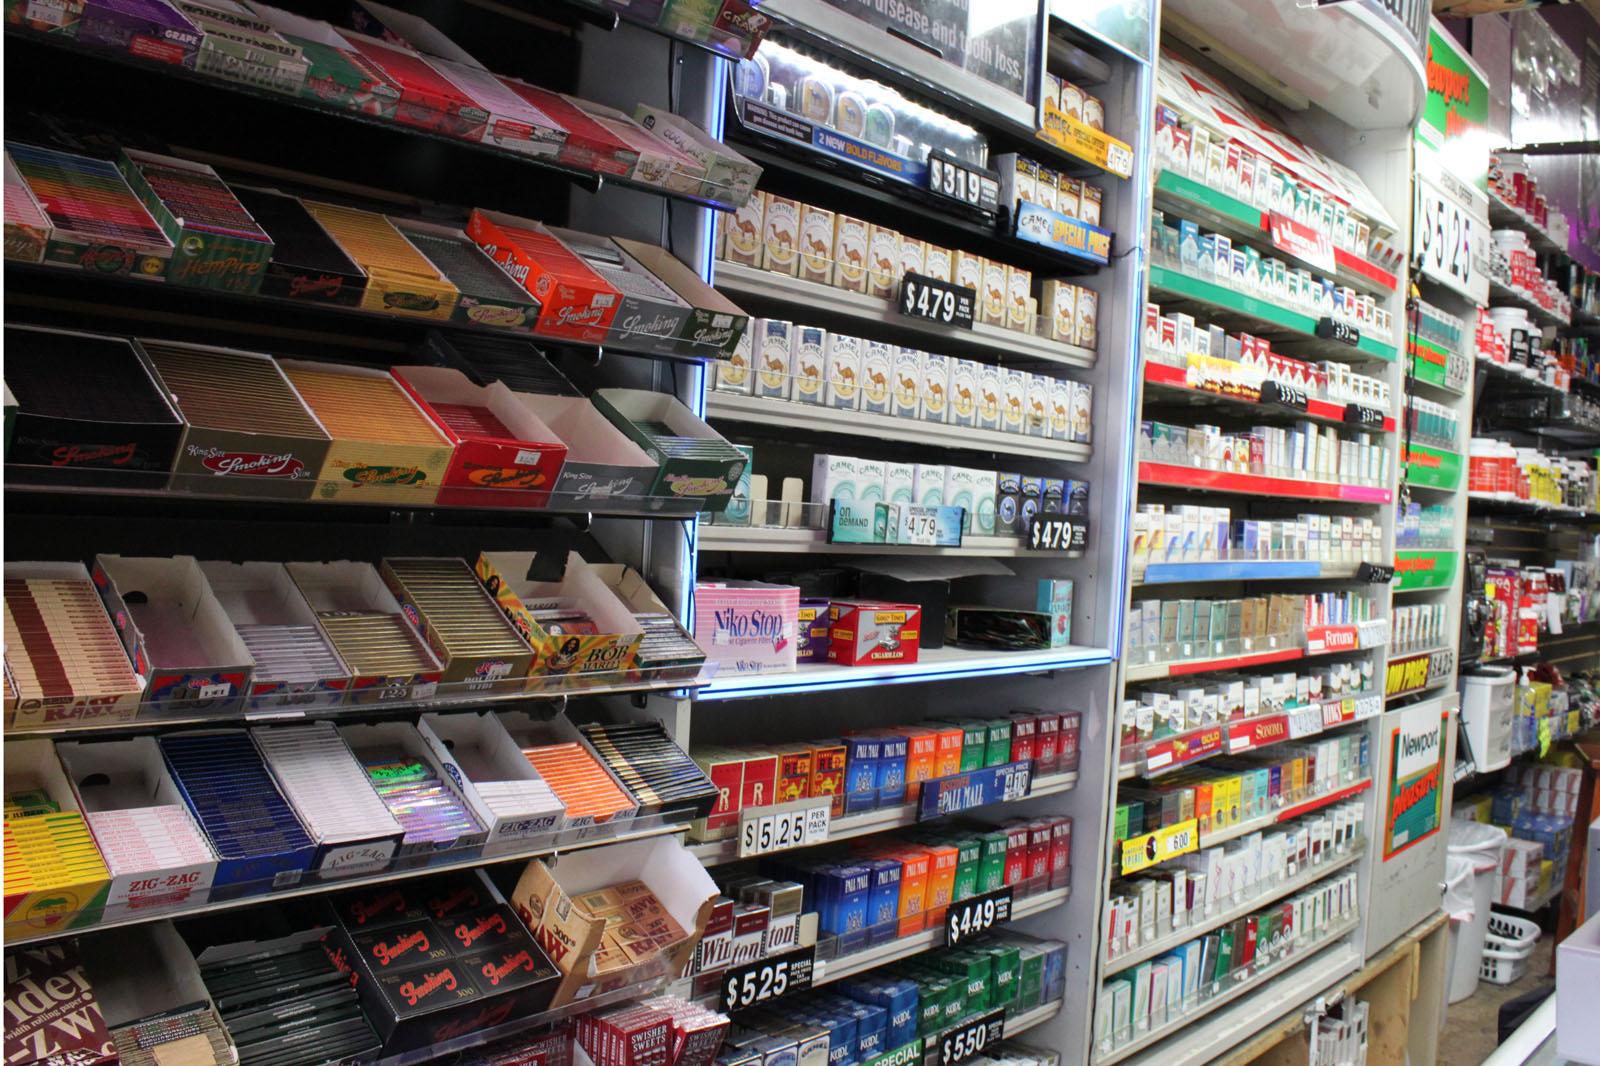 The counter at Walla's Smoke Shop